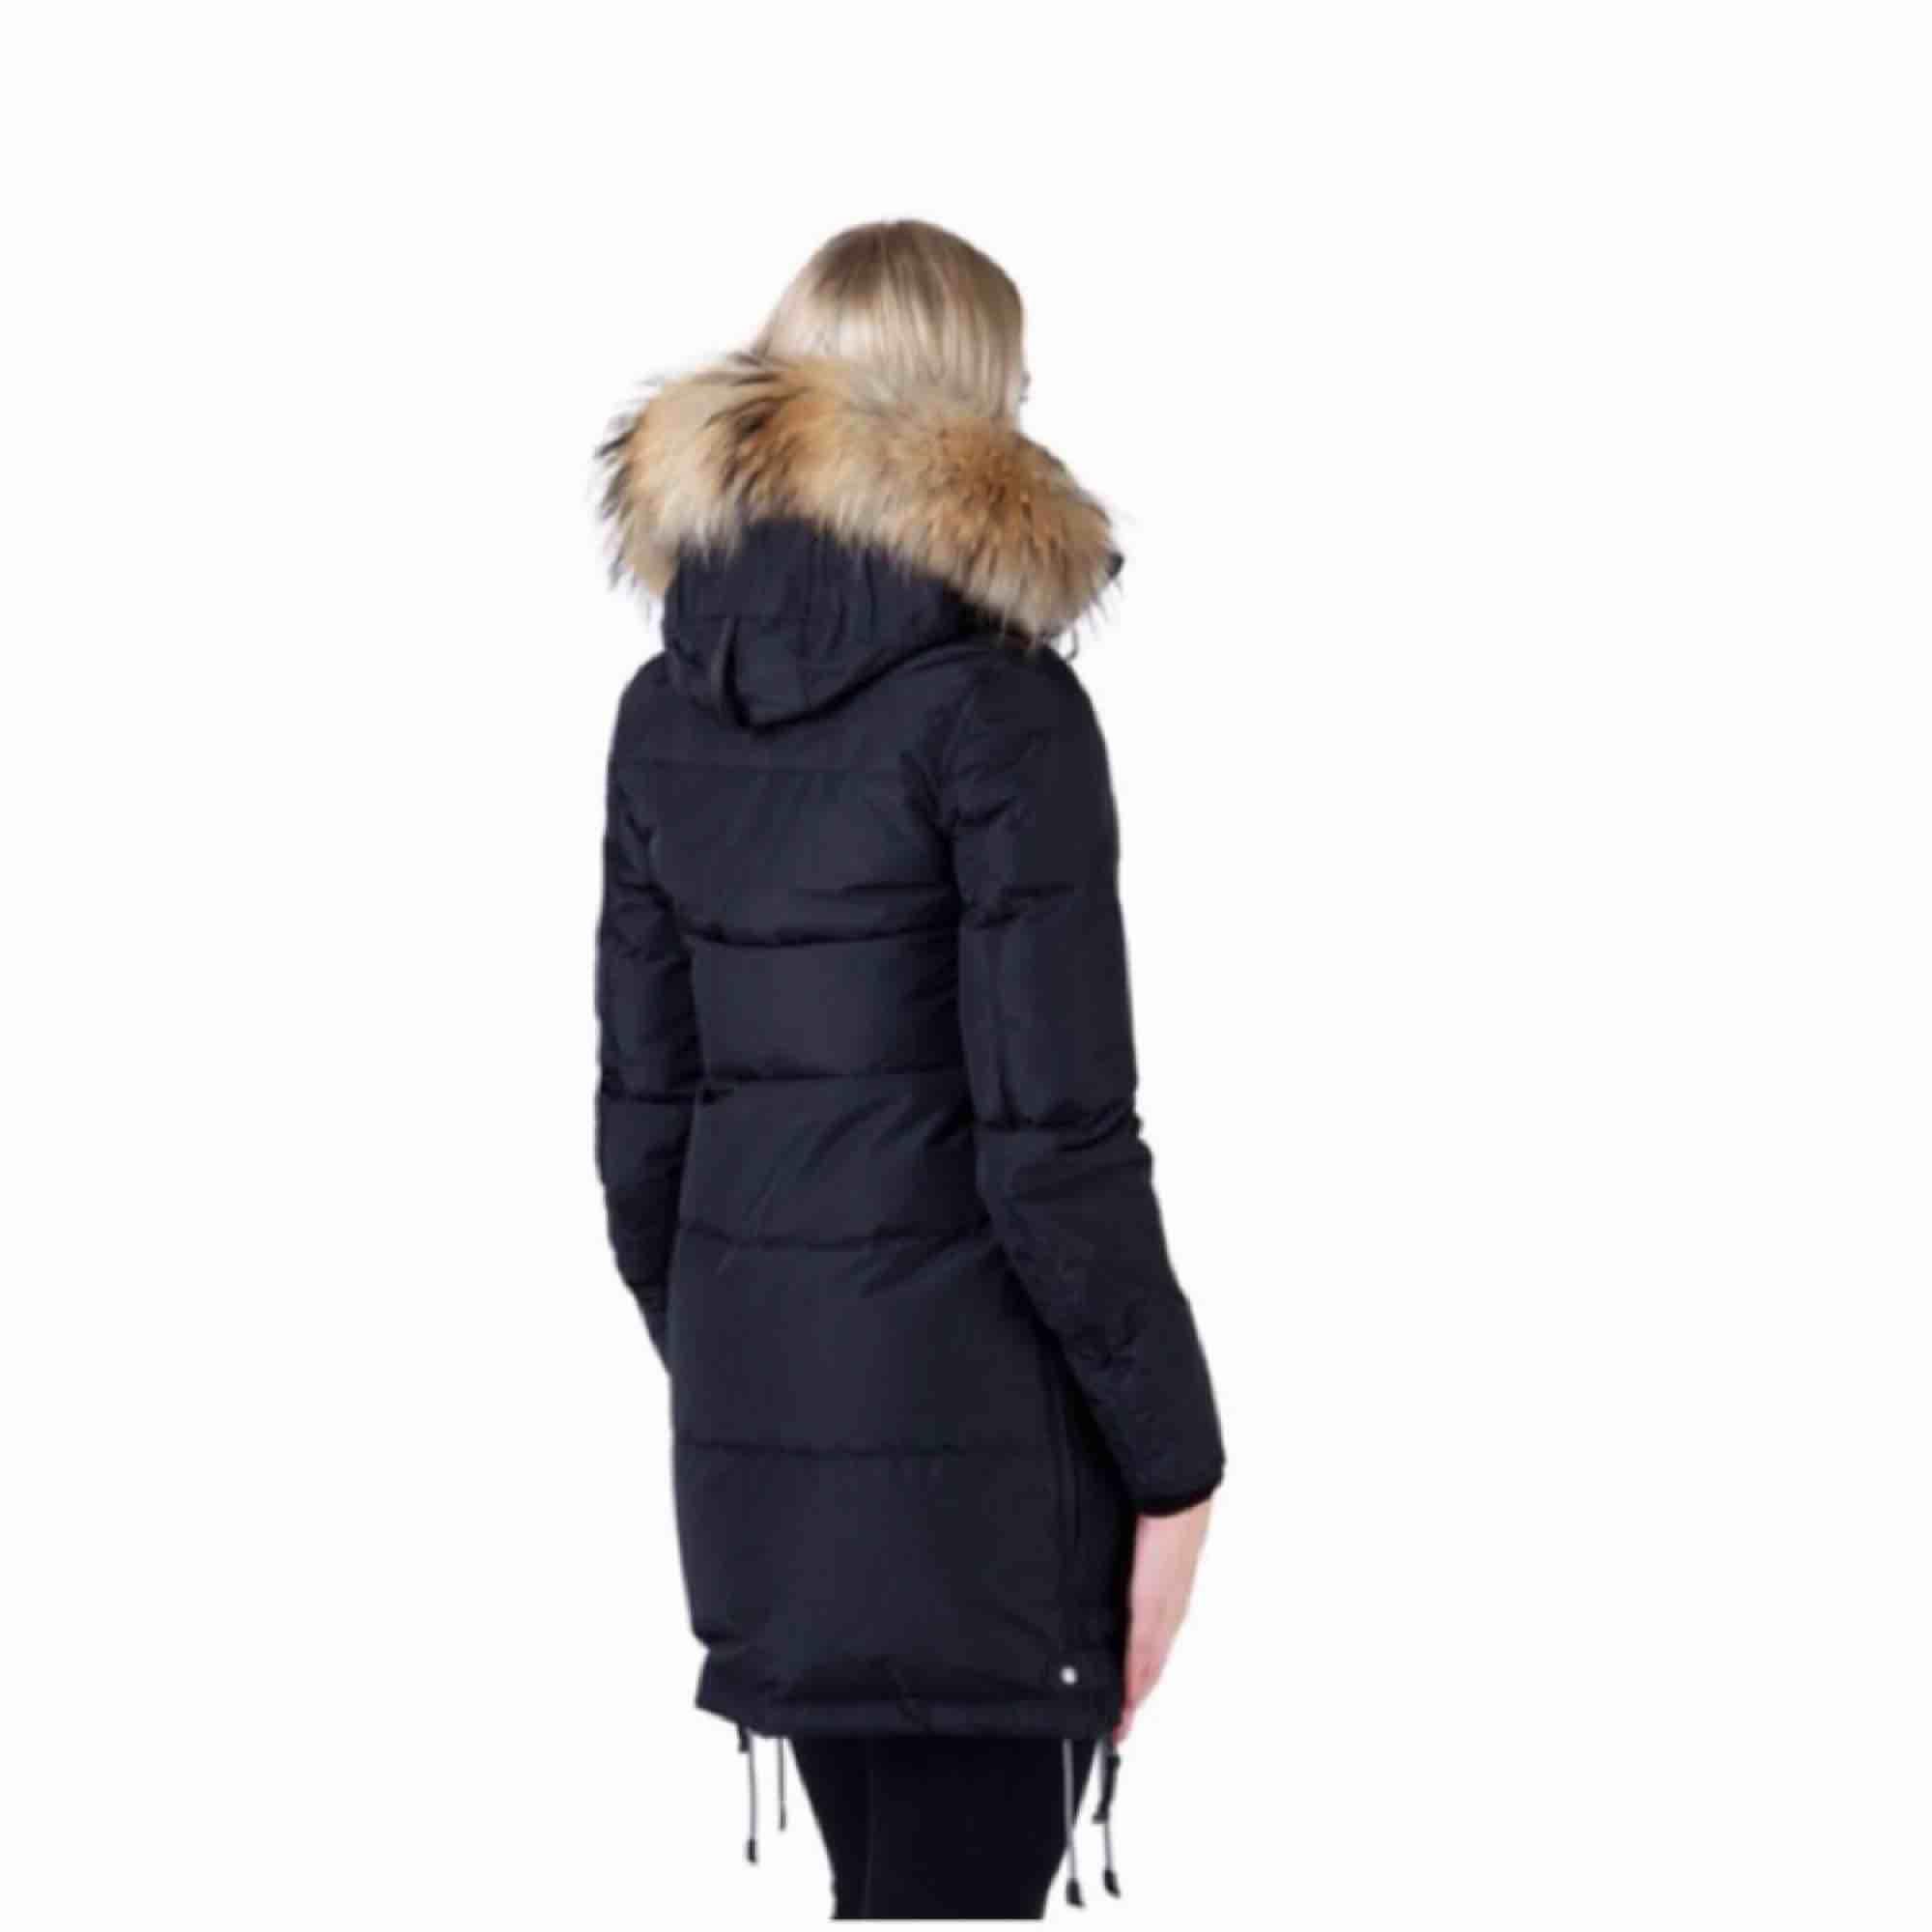 Jag säljer min parajumper jacka då jag köpt en annan vinterjacka jag tycker om mer. Den är använd ca 1 vinter Jackan är äkta Storlek S, funkar även på XS Säljer för 5700kr Modell: Svart Longbear. Jackor.